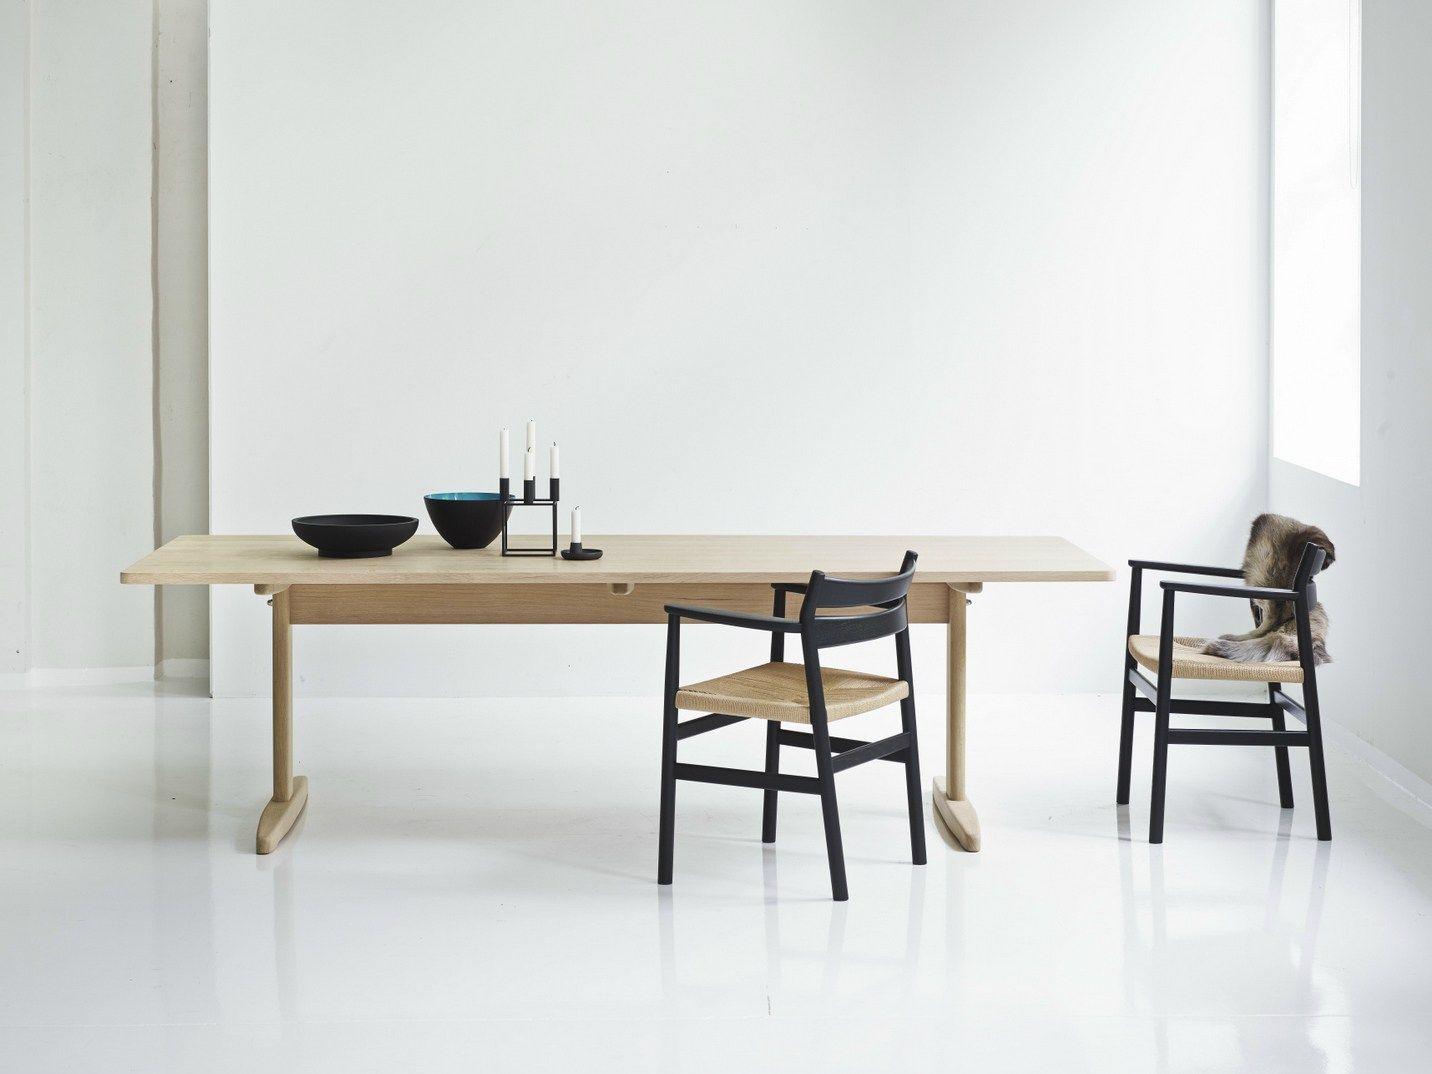 Tavolo allungabile rettangolare shaker table by dk3 design for Tavolo rettangolare design